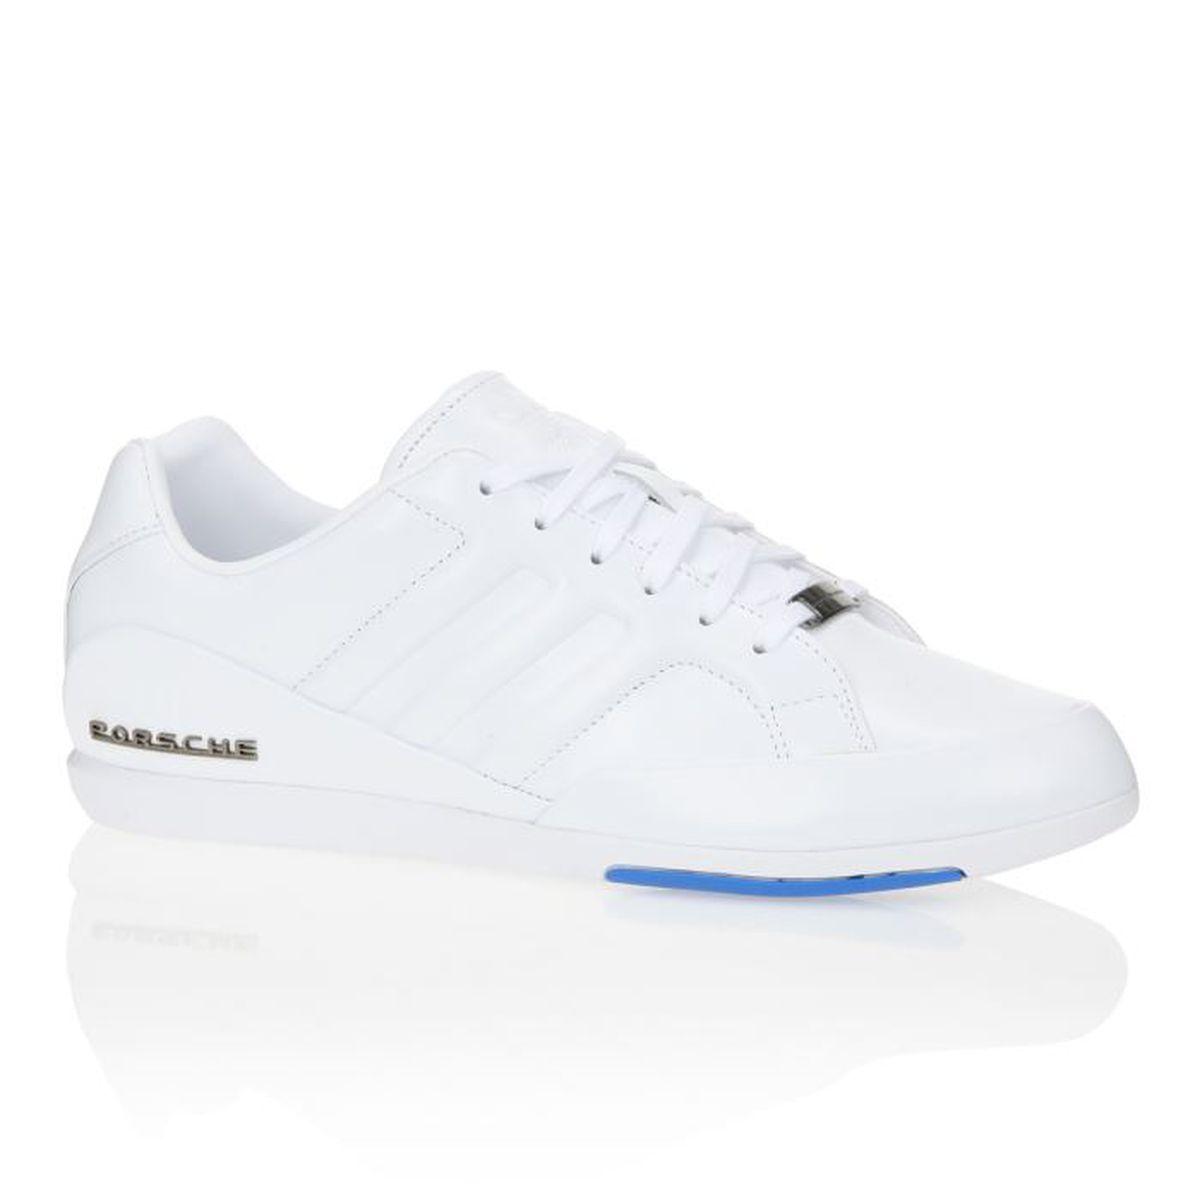 Adidas Originals Baskets